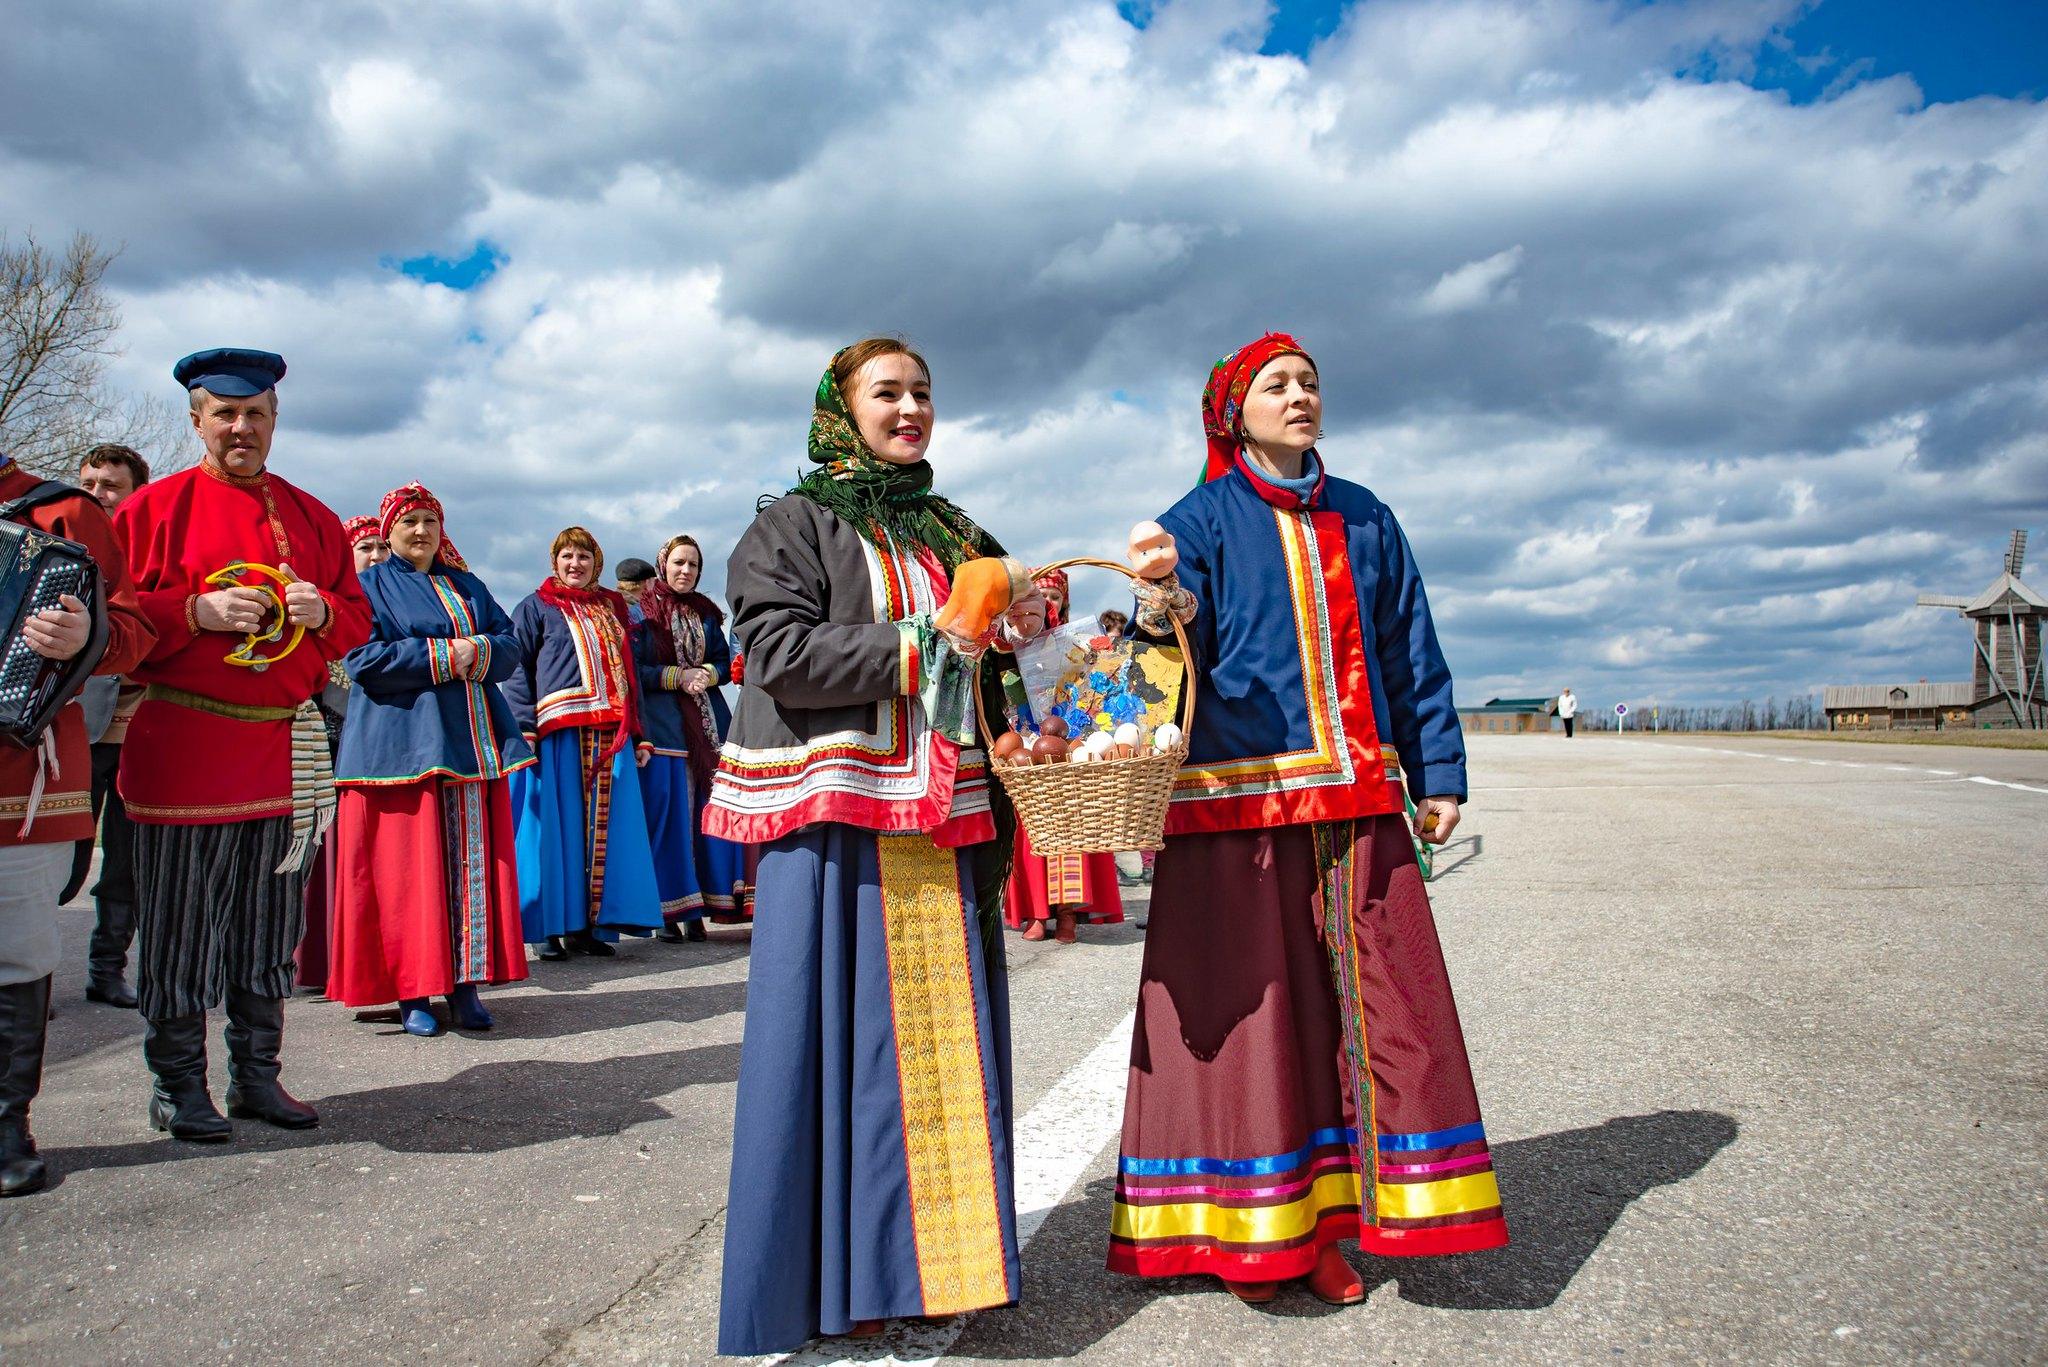 Фольклорный коллектив музея приветствует дорогих гостей традиционными пасхальными угощениями